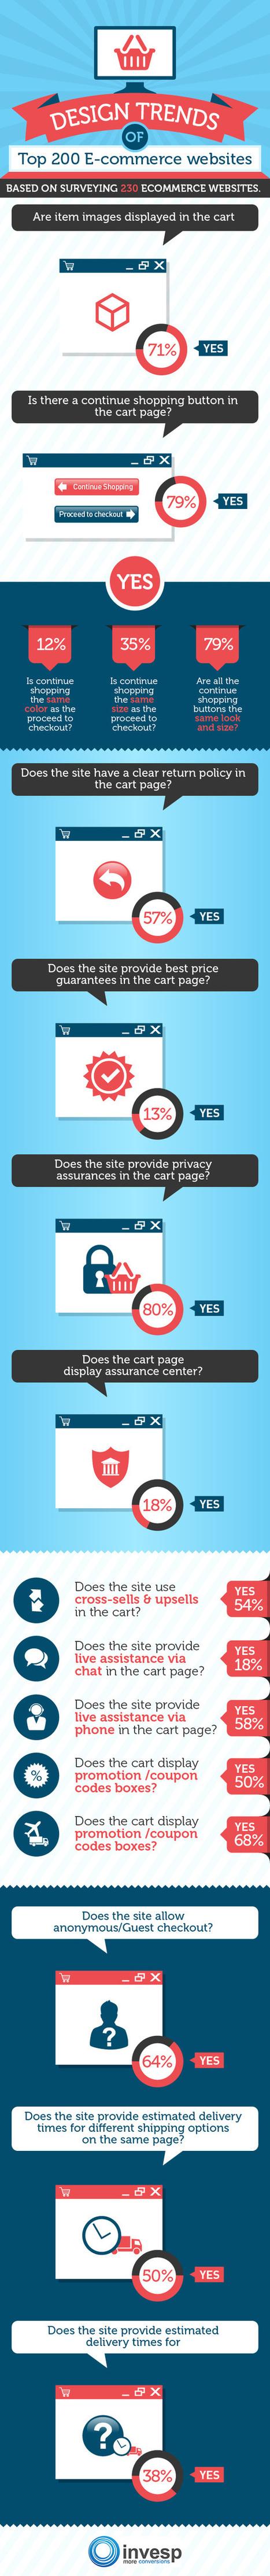 Tendencias de diseño web y usabilidad para sitios de comercio electrónico | comercio electrónico | Scoop.it